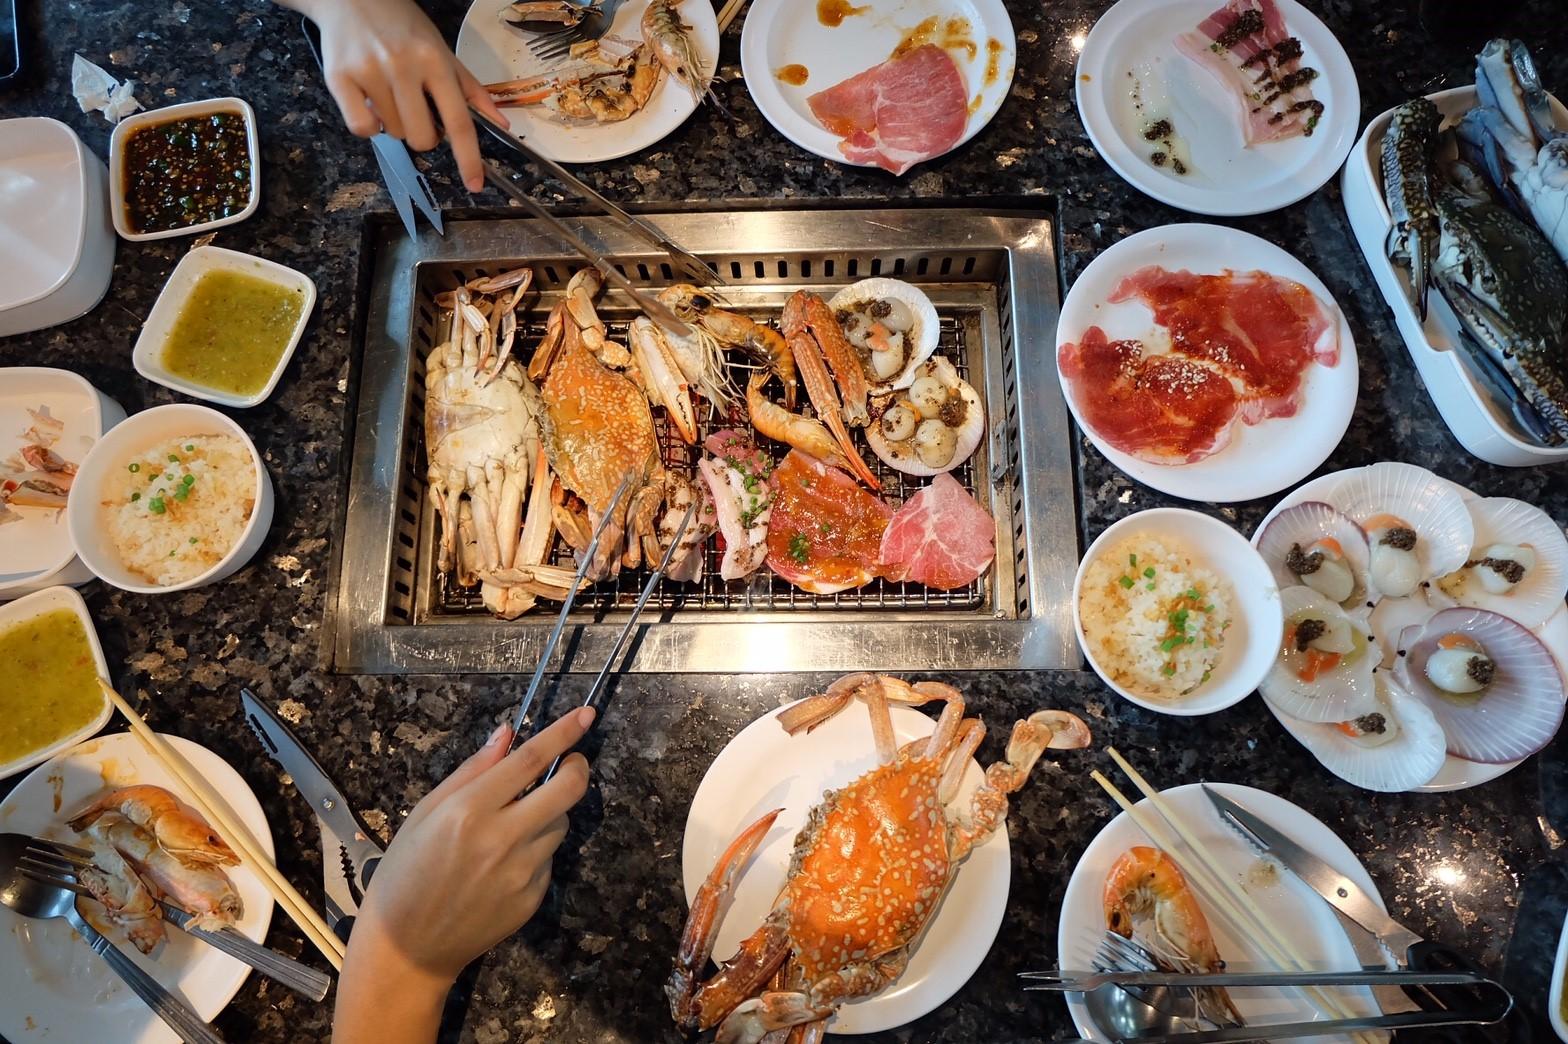 อร่อยนะคะ รสชาติเหมือนเดิม เมนูเหมือนสาขาที่เคยไปกินตรงสุขุมวิทค่ะ แต่ที่ ธัญญะปาร์คมีปูม้าตัวใหญ่มาก และหอยเชลล์มาให้ด้วย